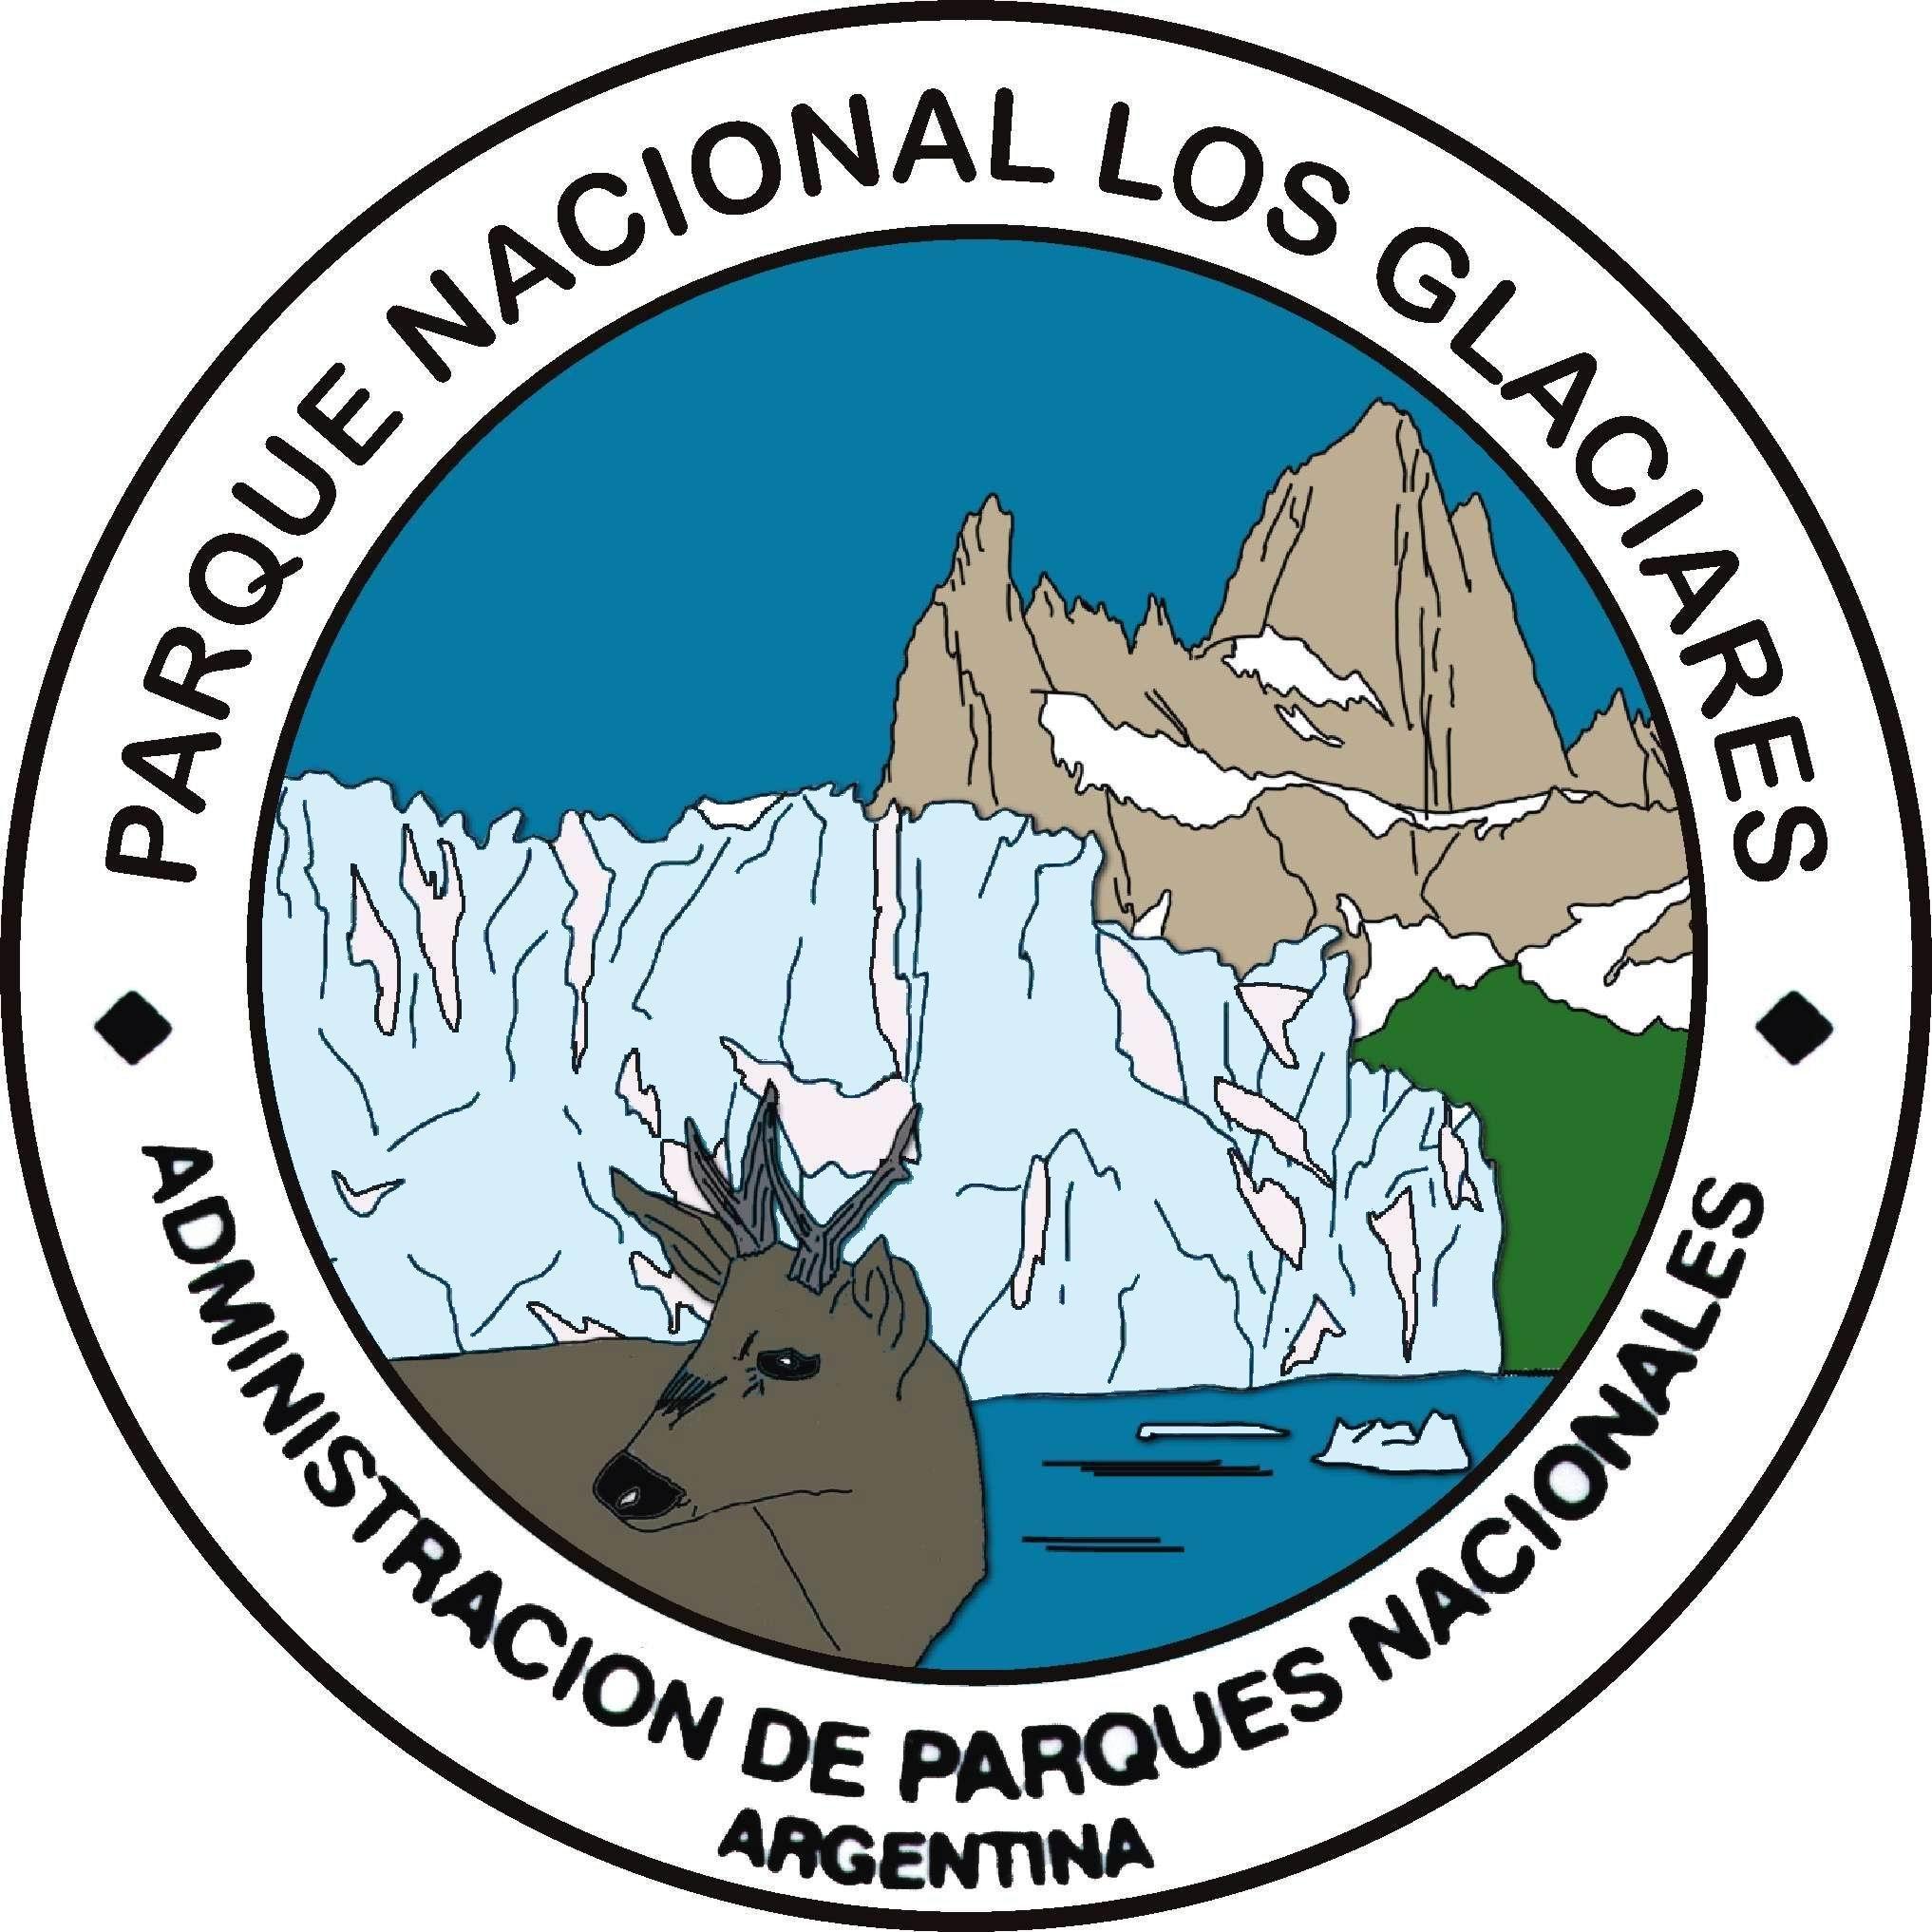 Parque Nacional Los Glaciares Logos